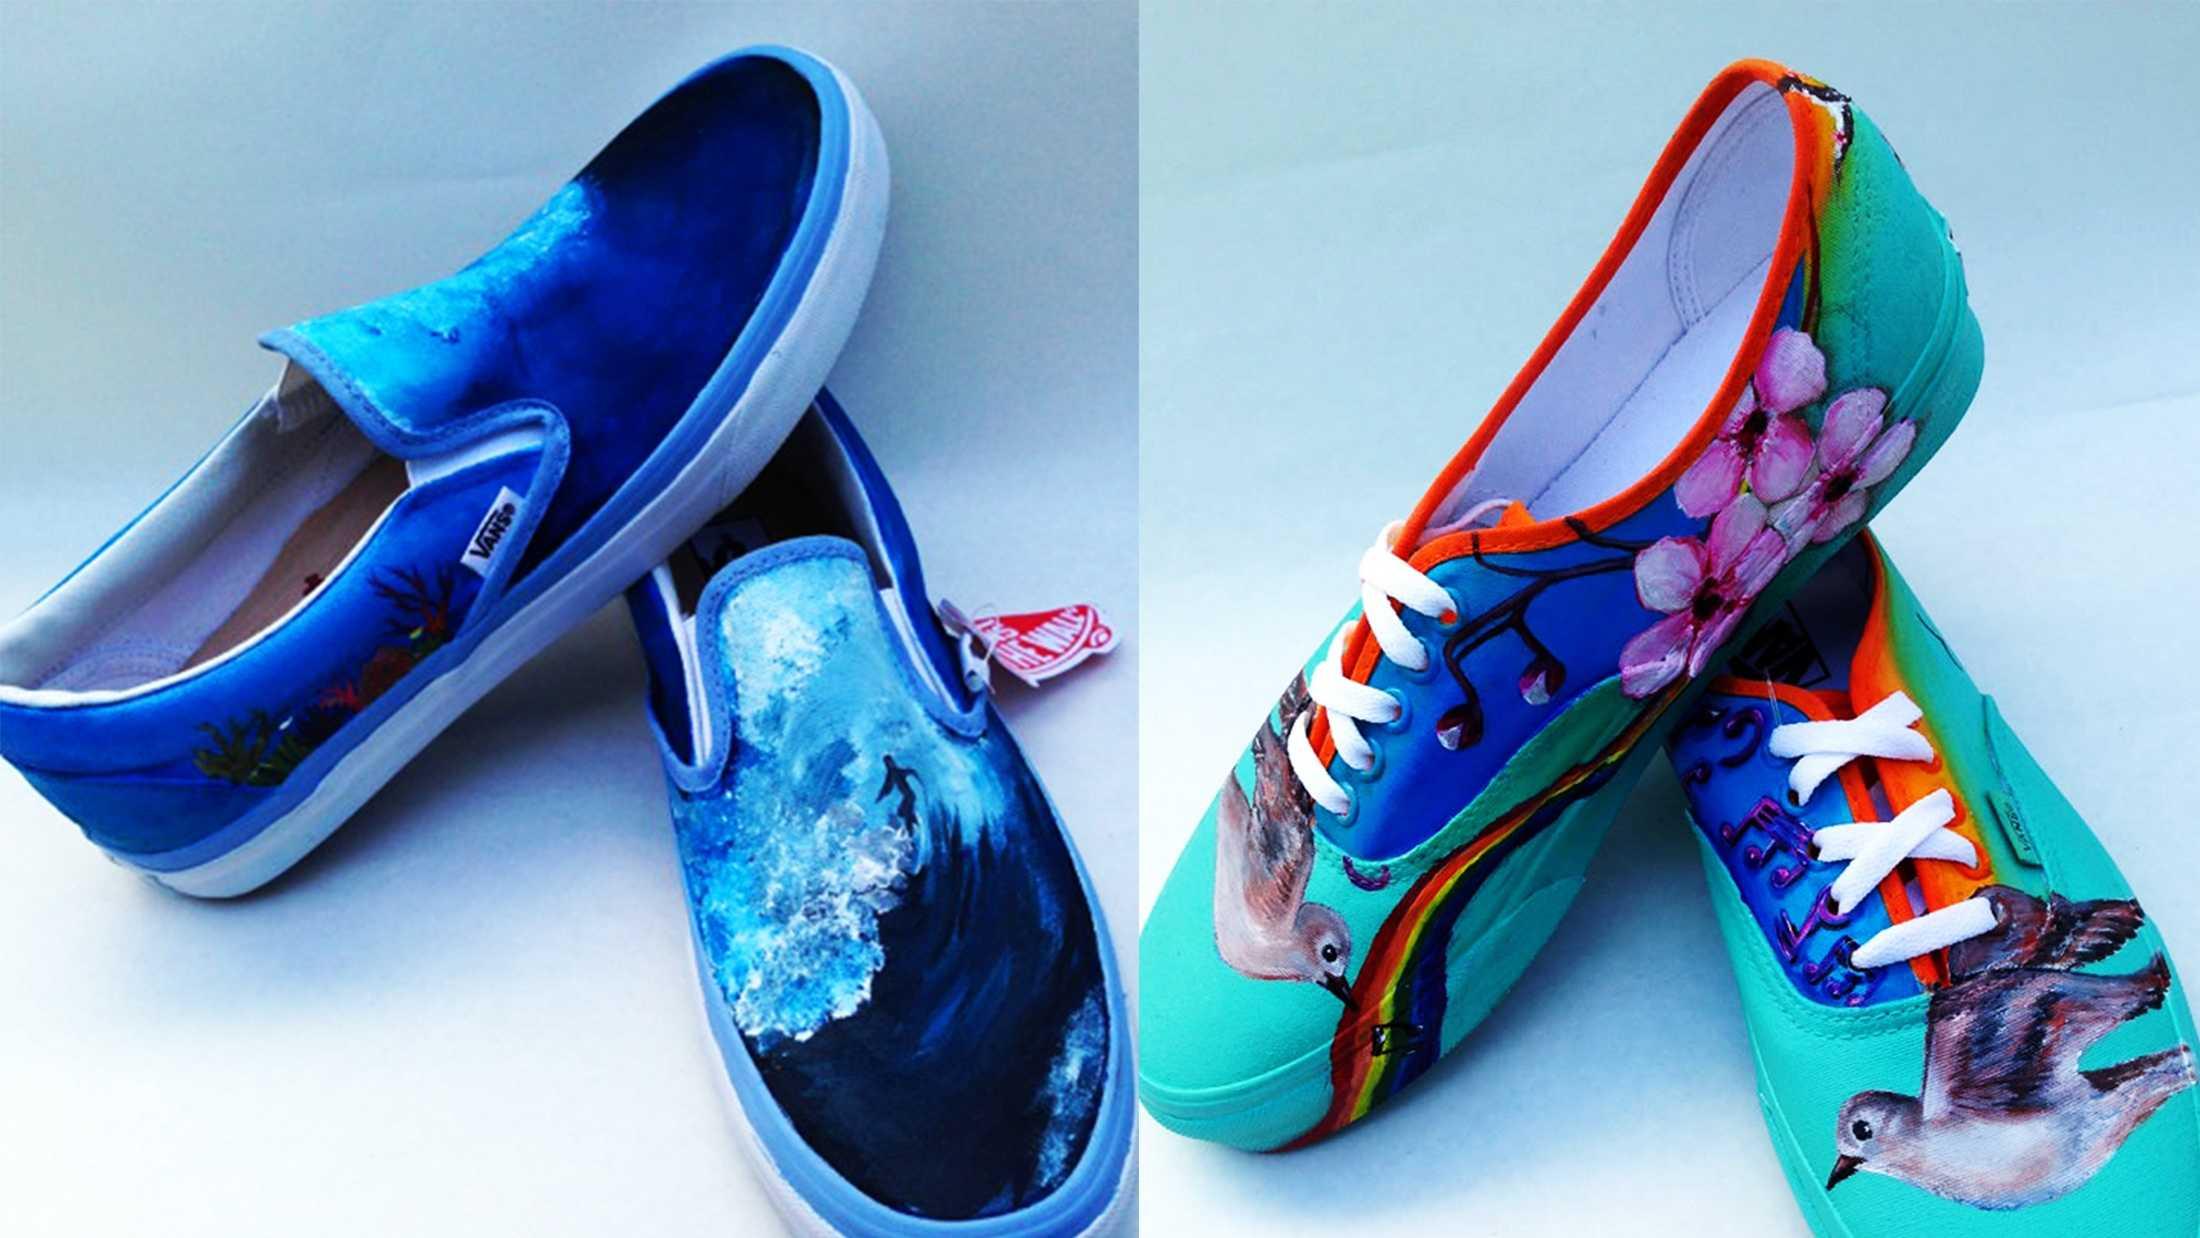 vans contest shoes.jpg